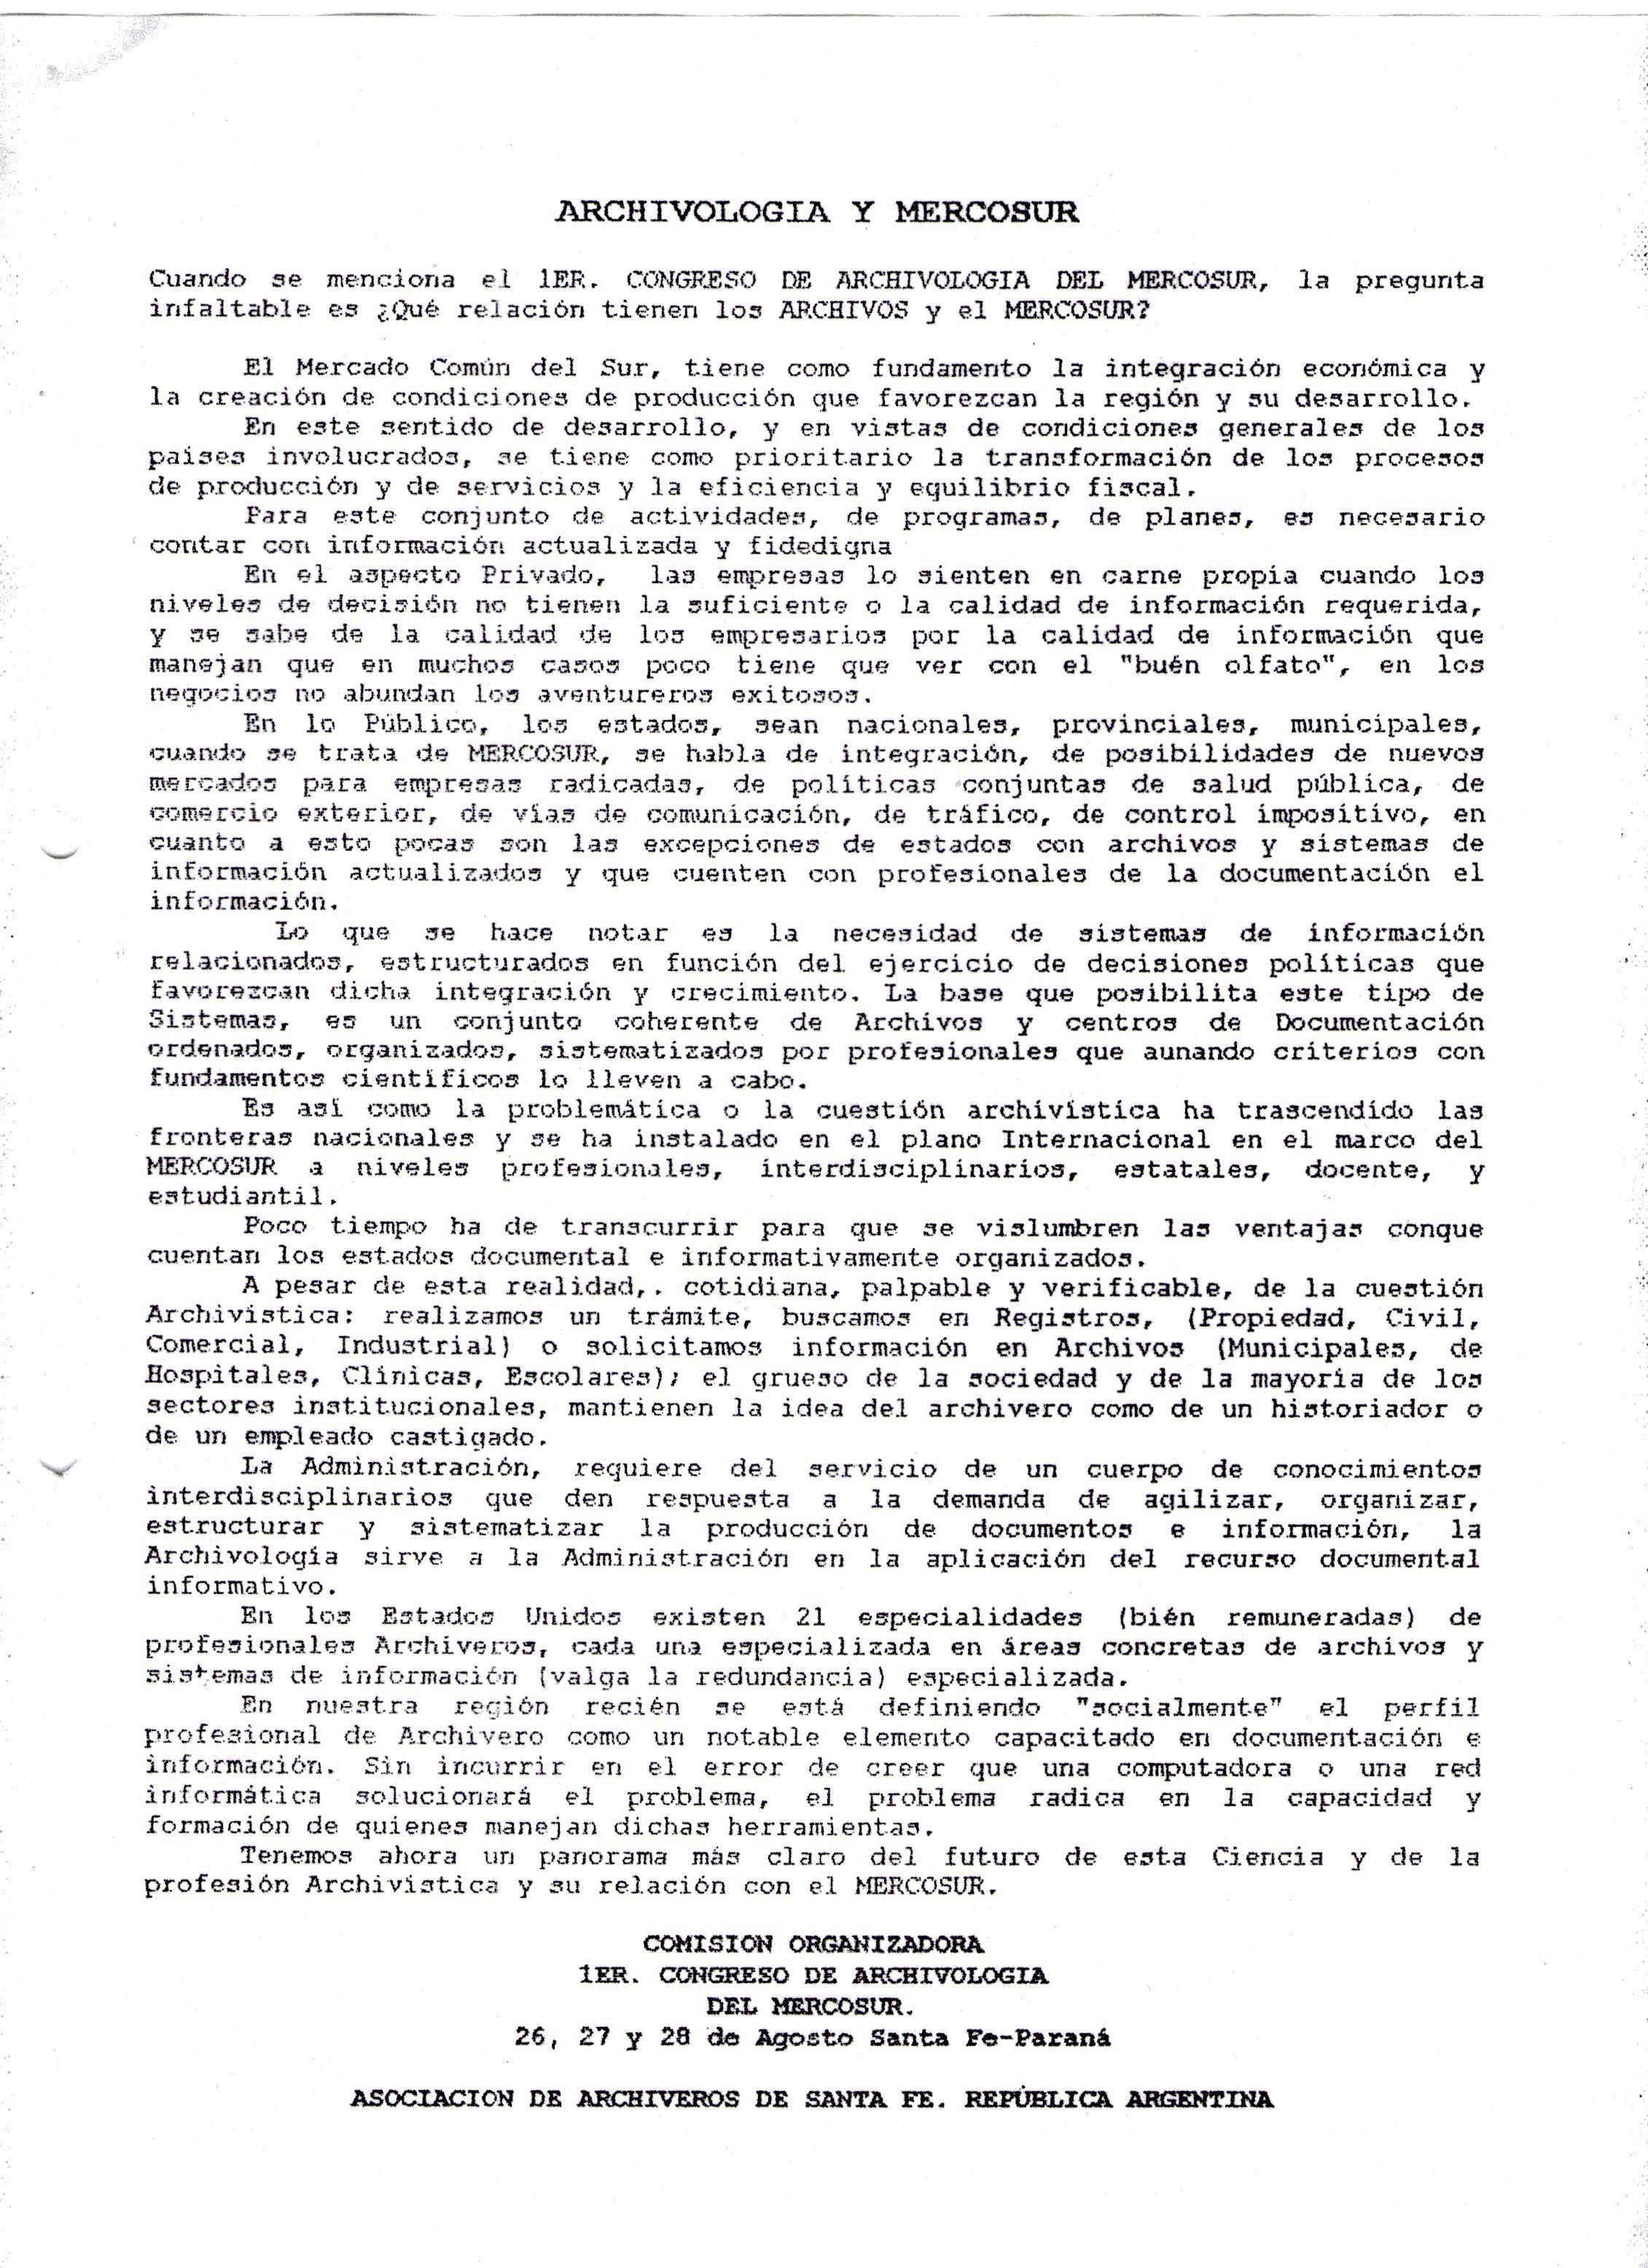 texto archivología y MERCOSUR